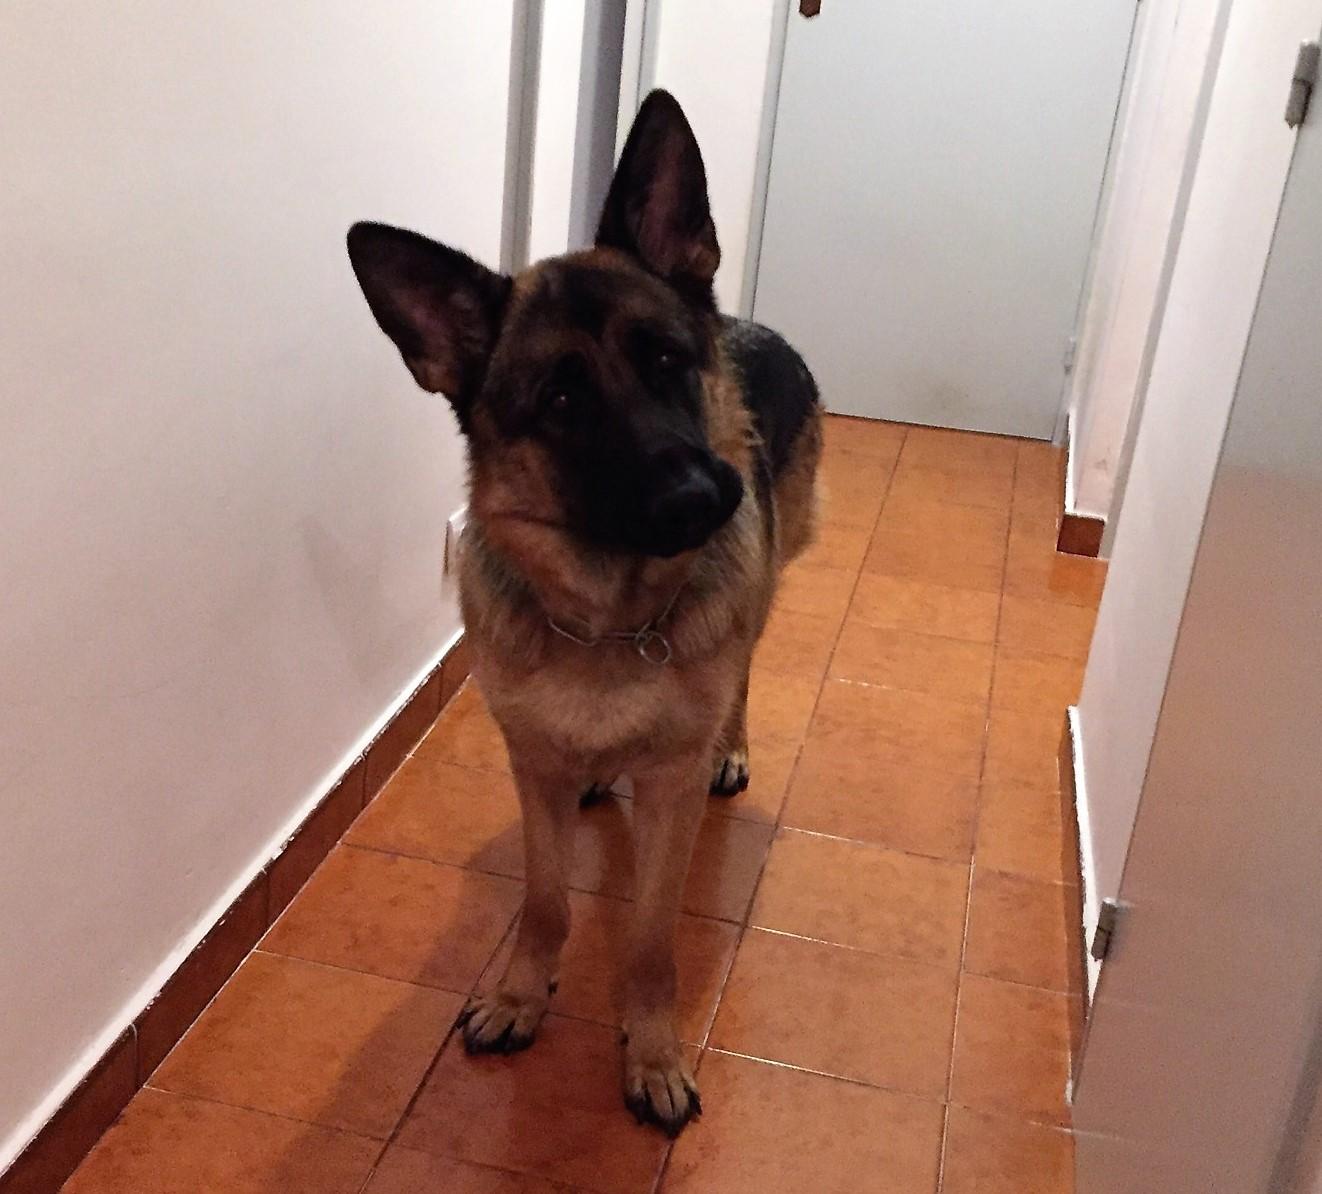 Malko, berger allemand de 15 mois